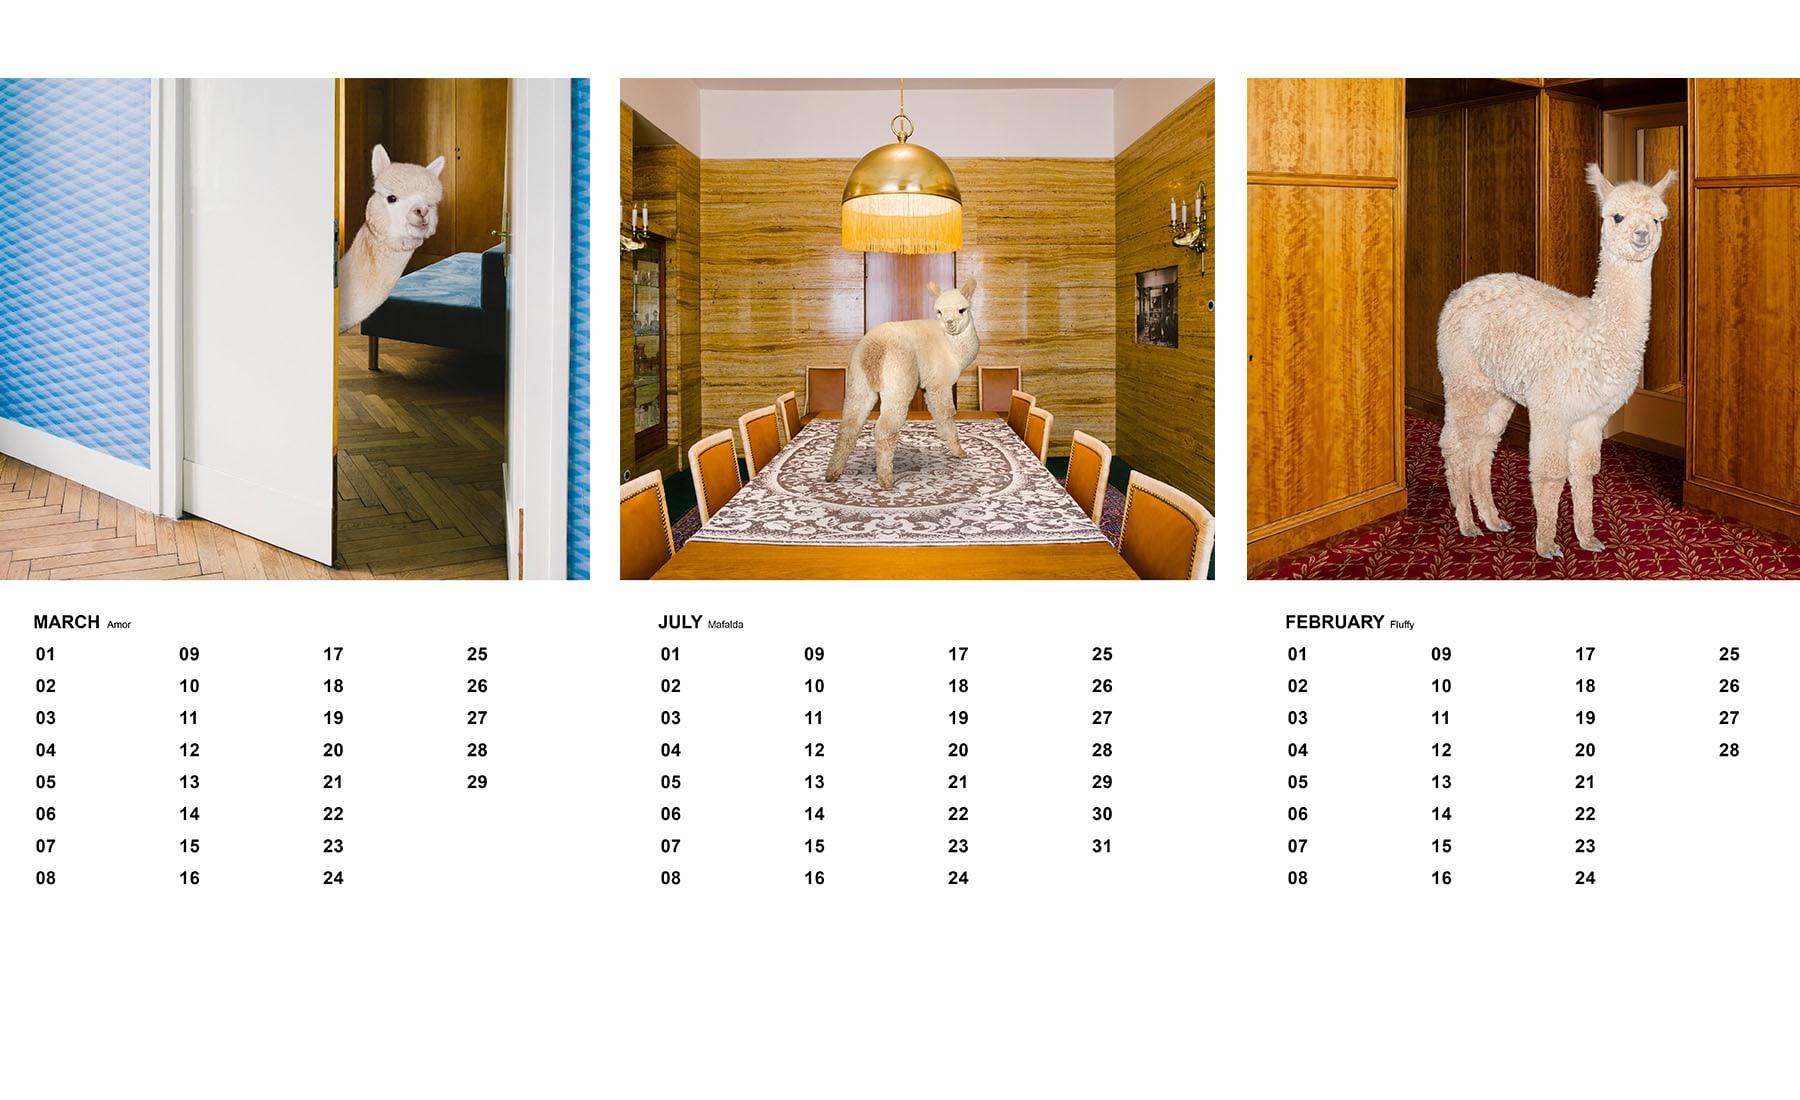 Daniel-Gebhardt-de-Koekkoek-Alpaca-Calendar-Exzerpt